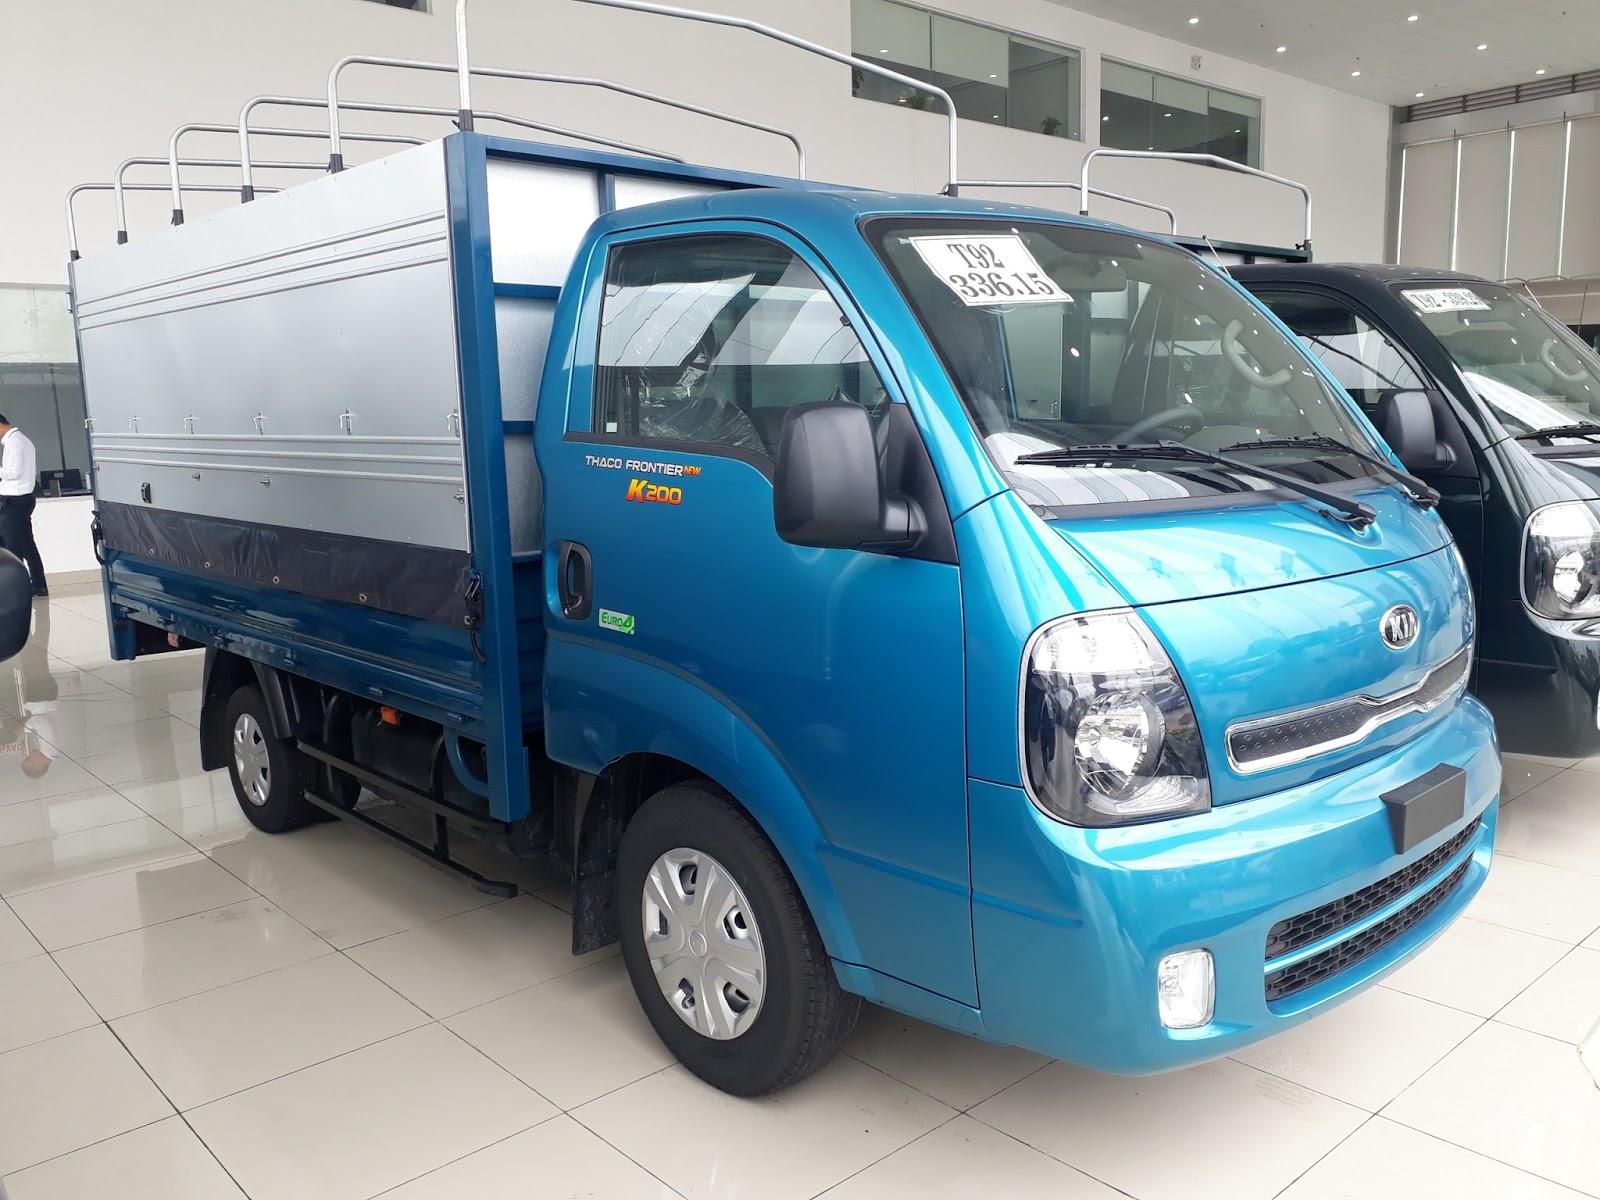 Xe tải Thaco K200 tại Hải Phòng động cơ Hyundai tiêu chuẩn Euro4